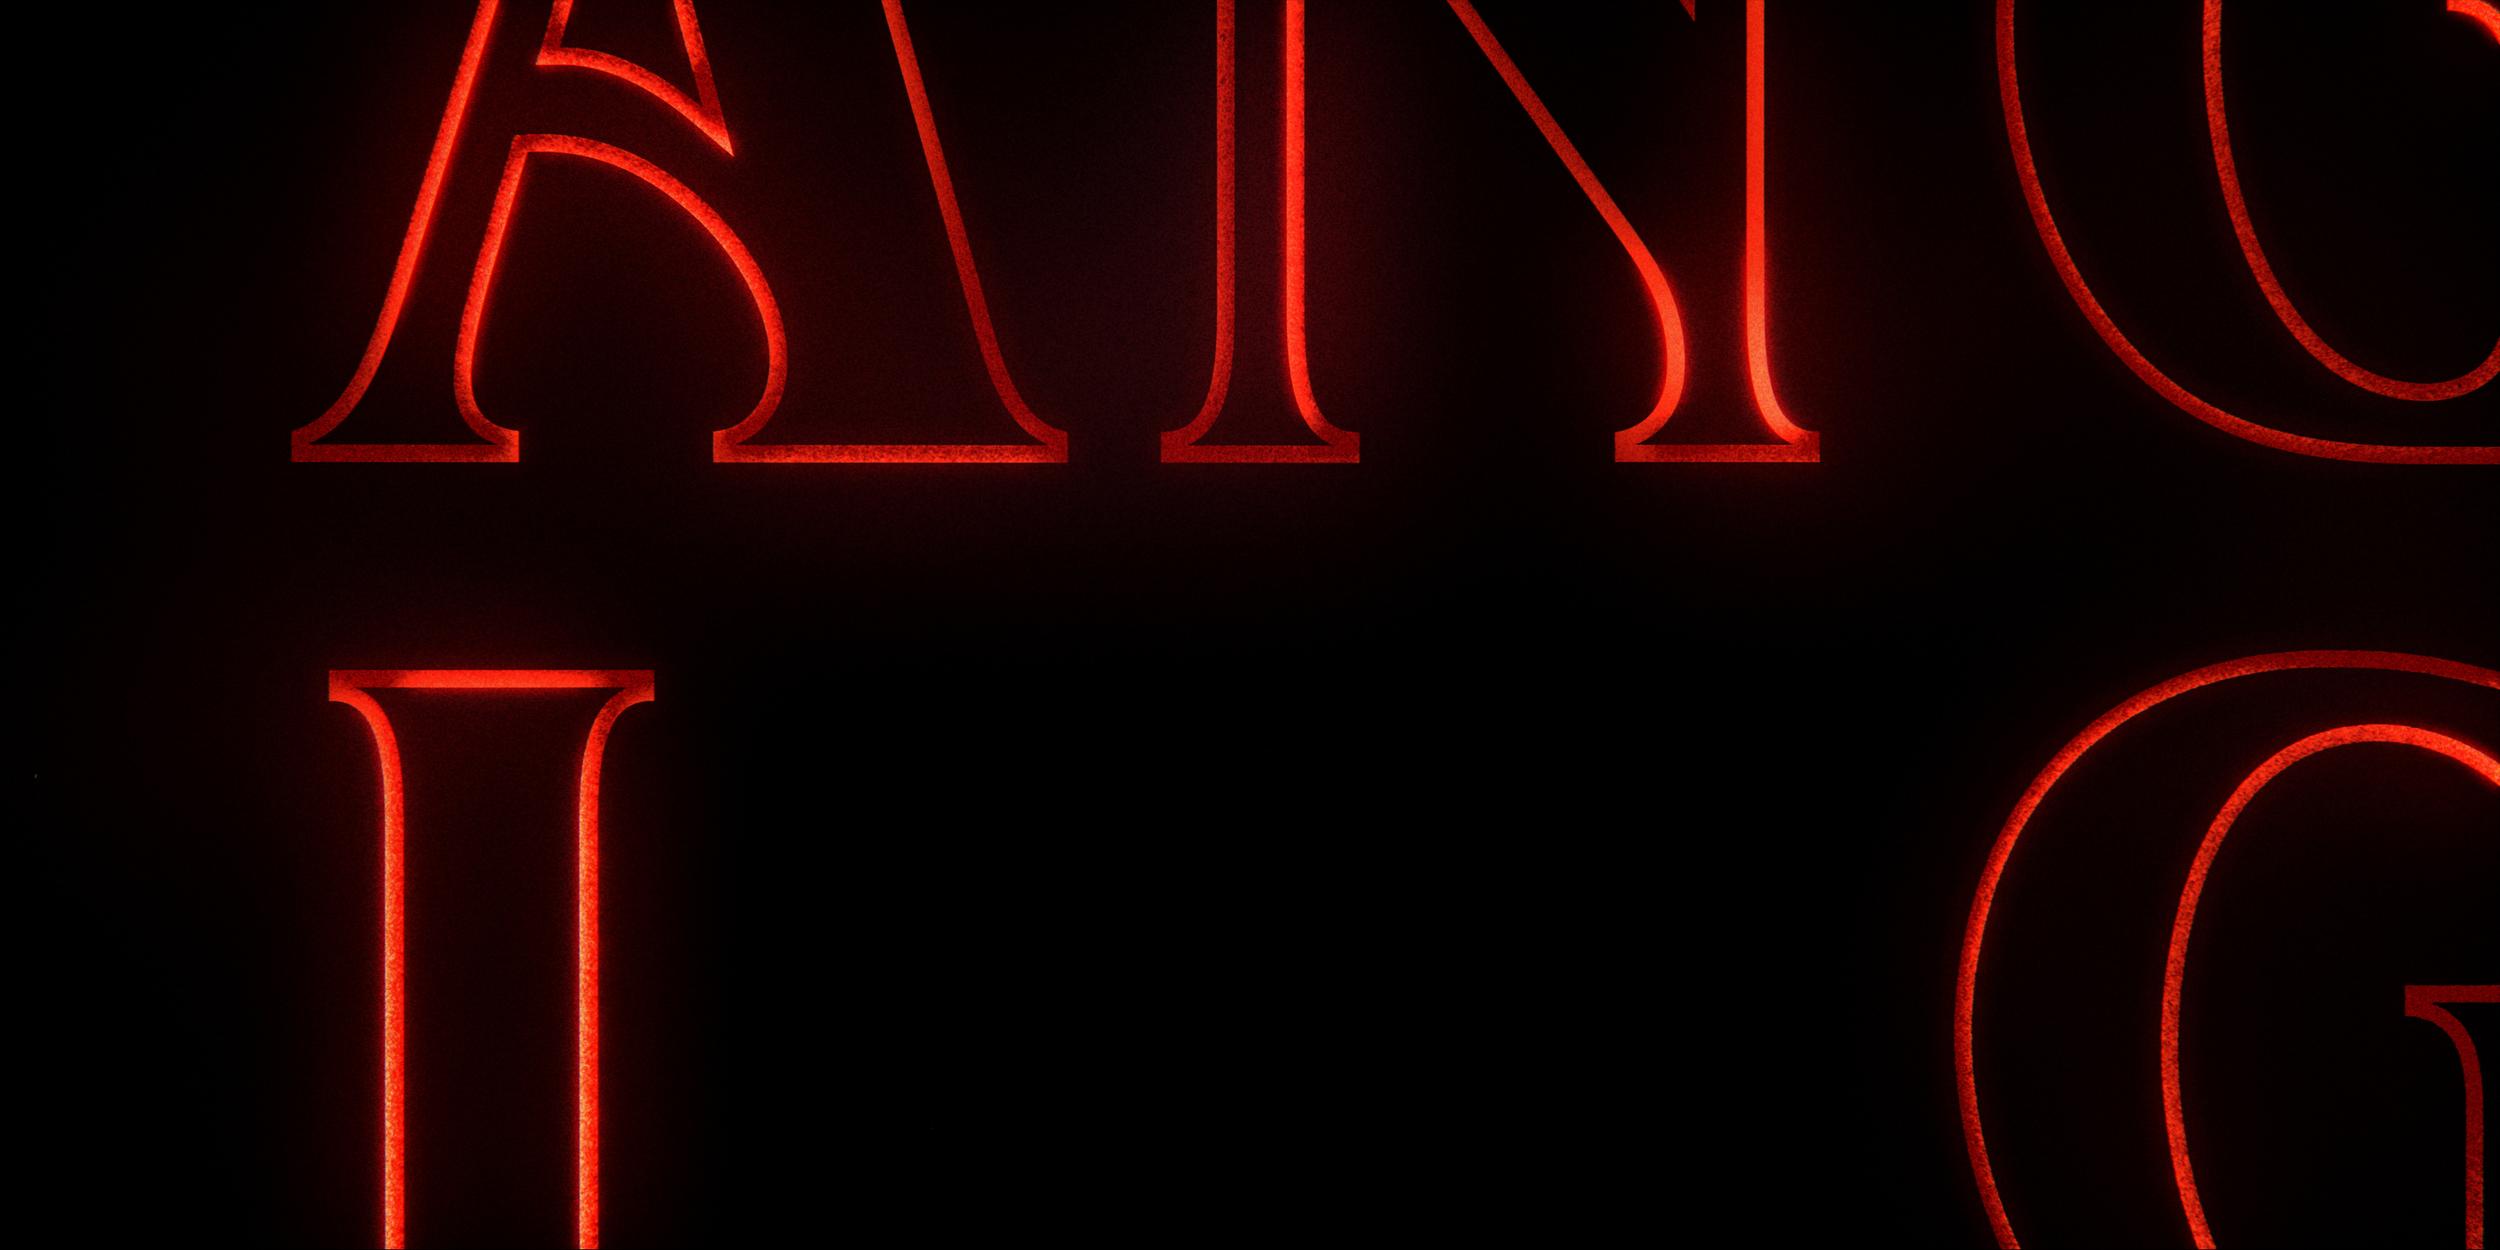 ST Main Titles FINAL (0.00.28.20).jpg